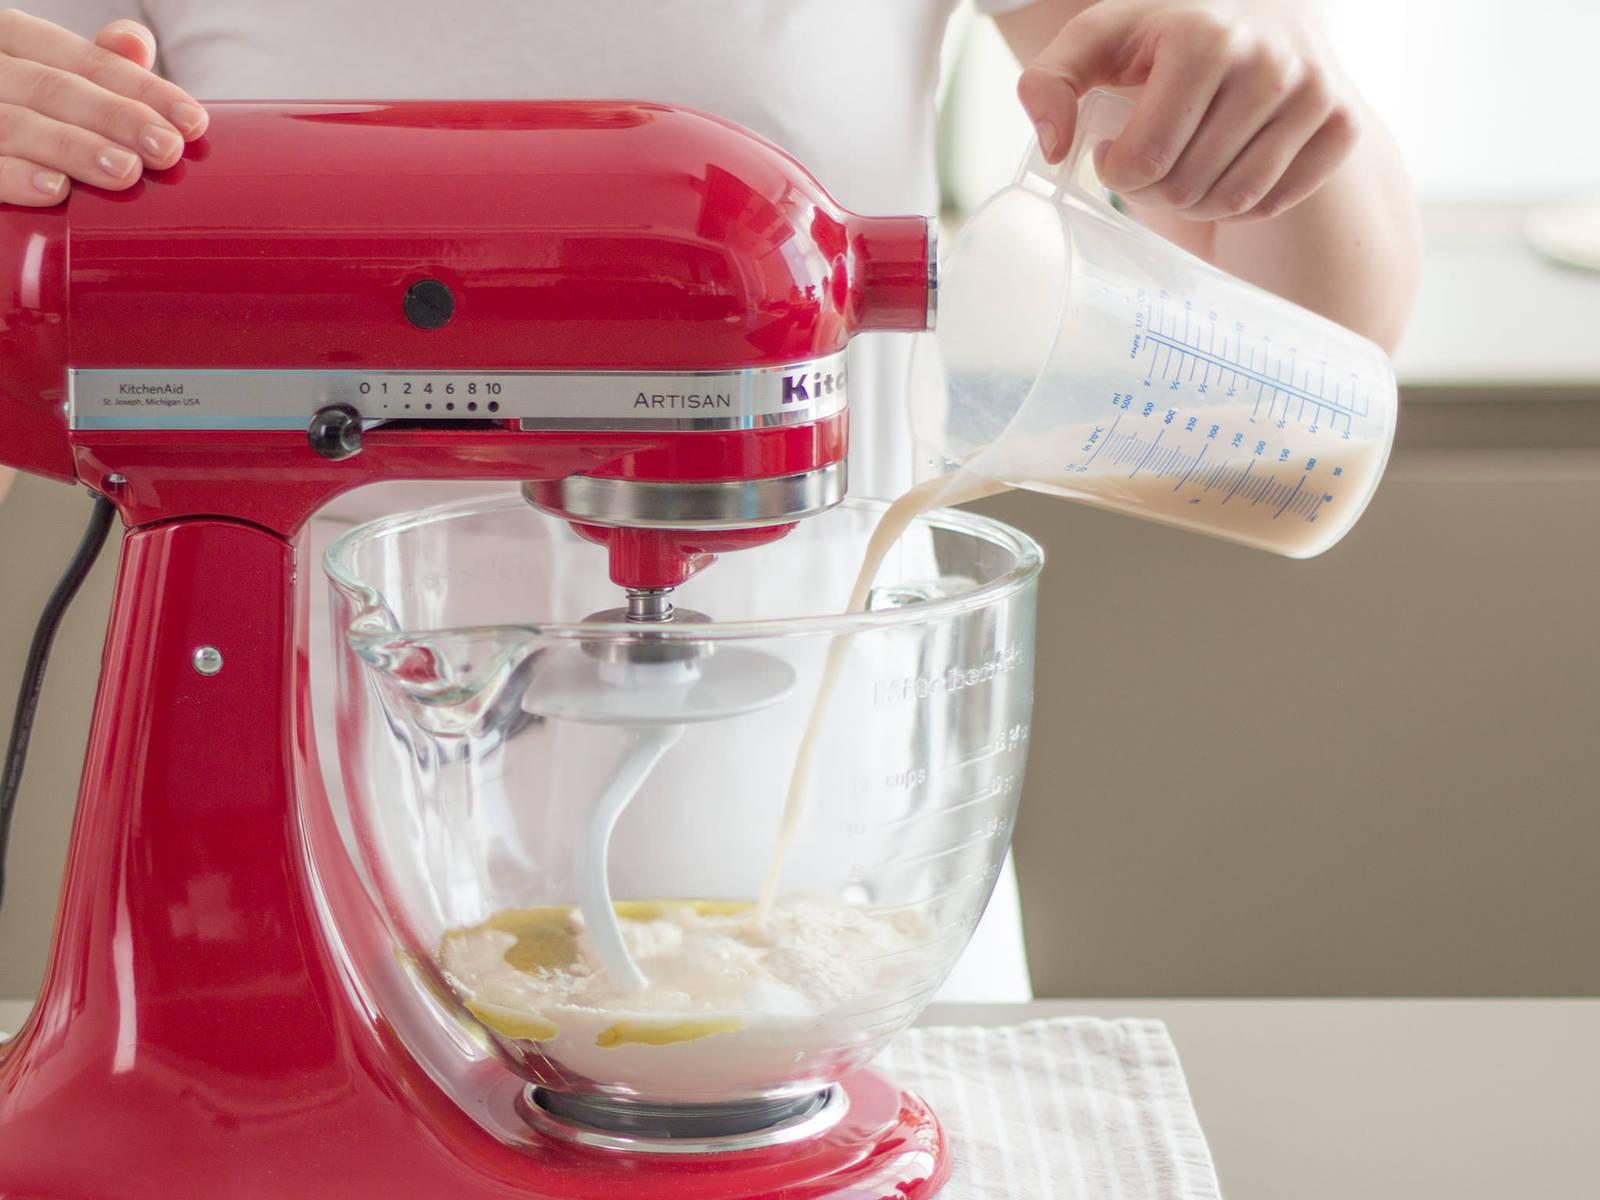 Hefe und Zucker in lauwarmem Wasser auflösen und ca. 15 – 20 Min. beiseitestellen, bis die Mischung schaumig ist. Mehl in Küchenmaschine sieben. Hefe und Zucker ebenfalls dazugeben.